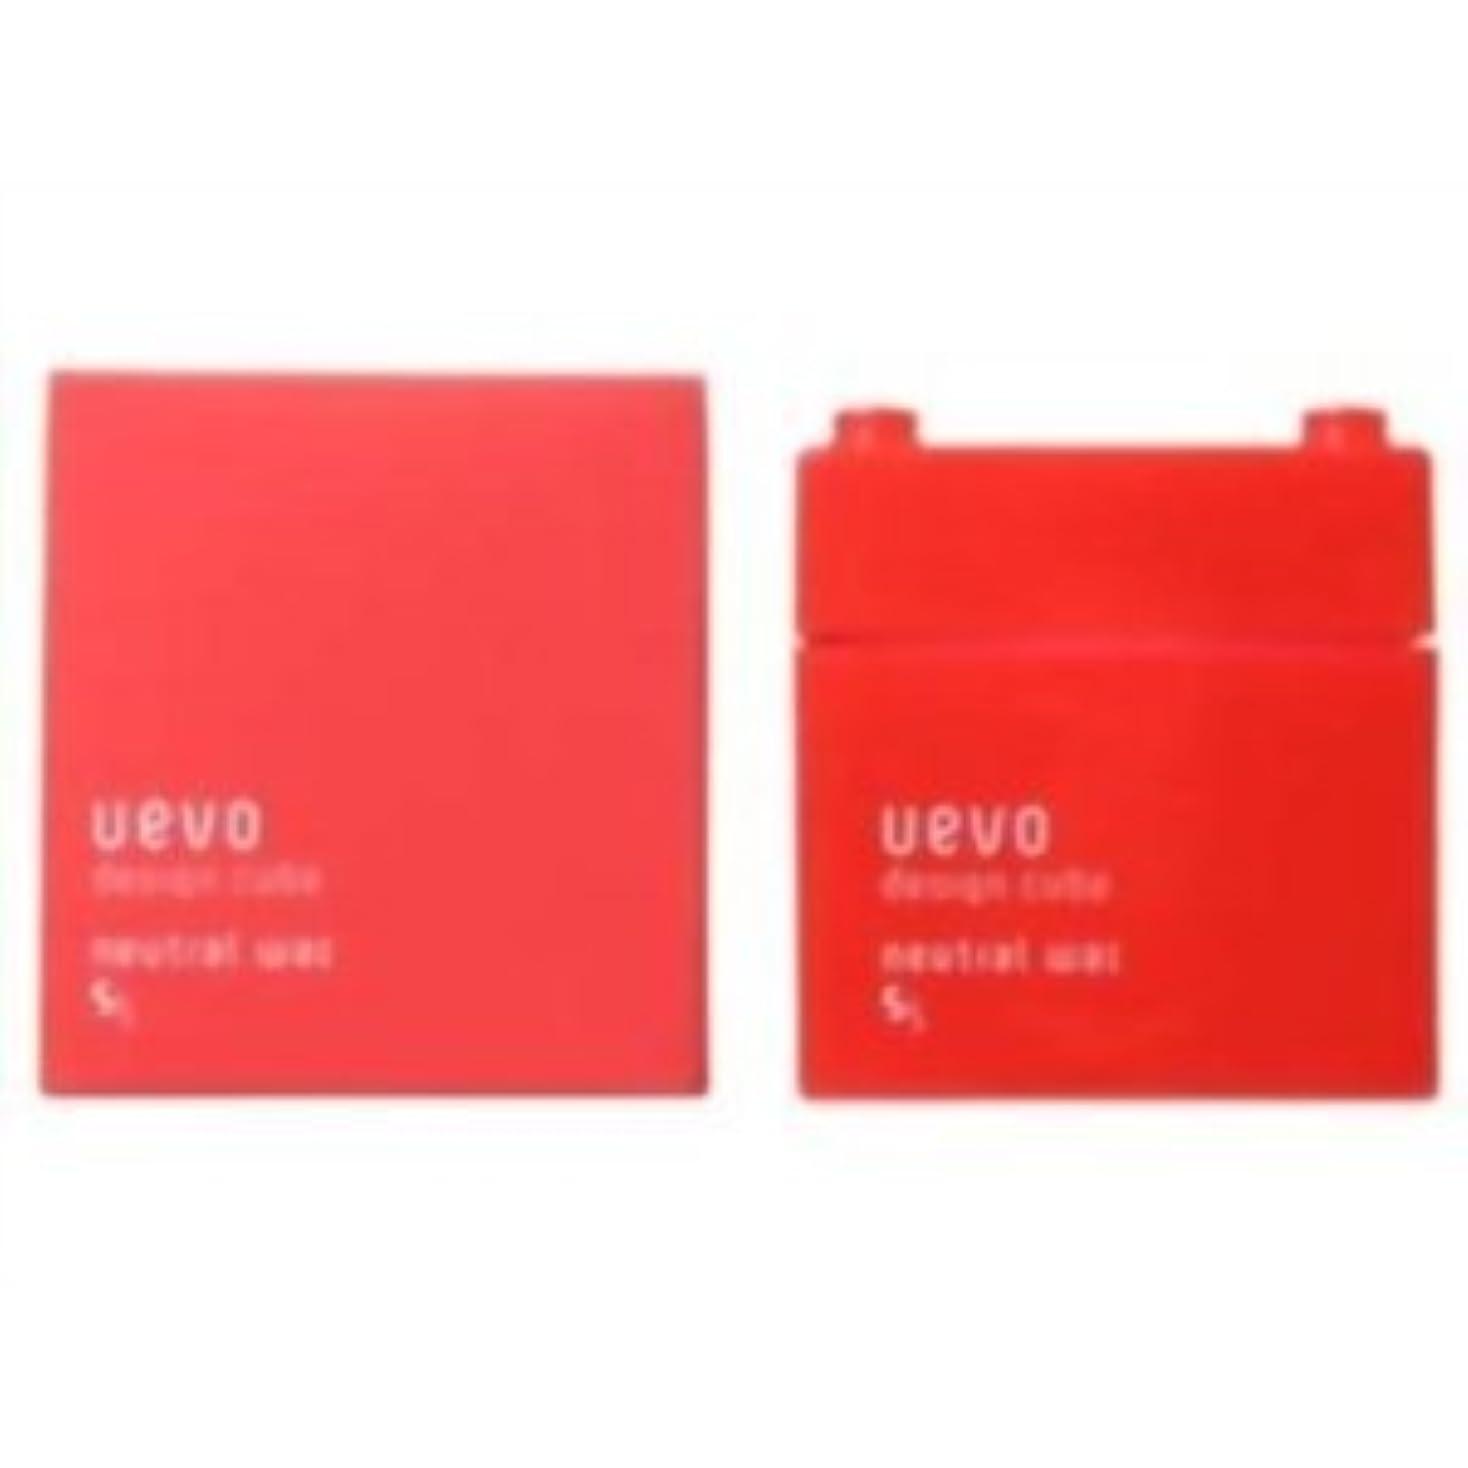 舗装するインキュバス黙【X3個セット】 デミ ウェーボ デザインキューブ ニュートラルワックス 80g neutral wax DEMI uevo design cube